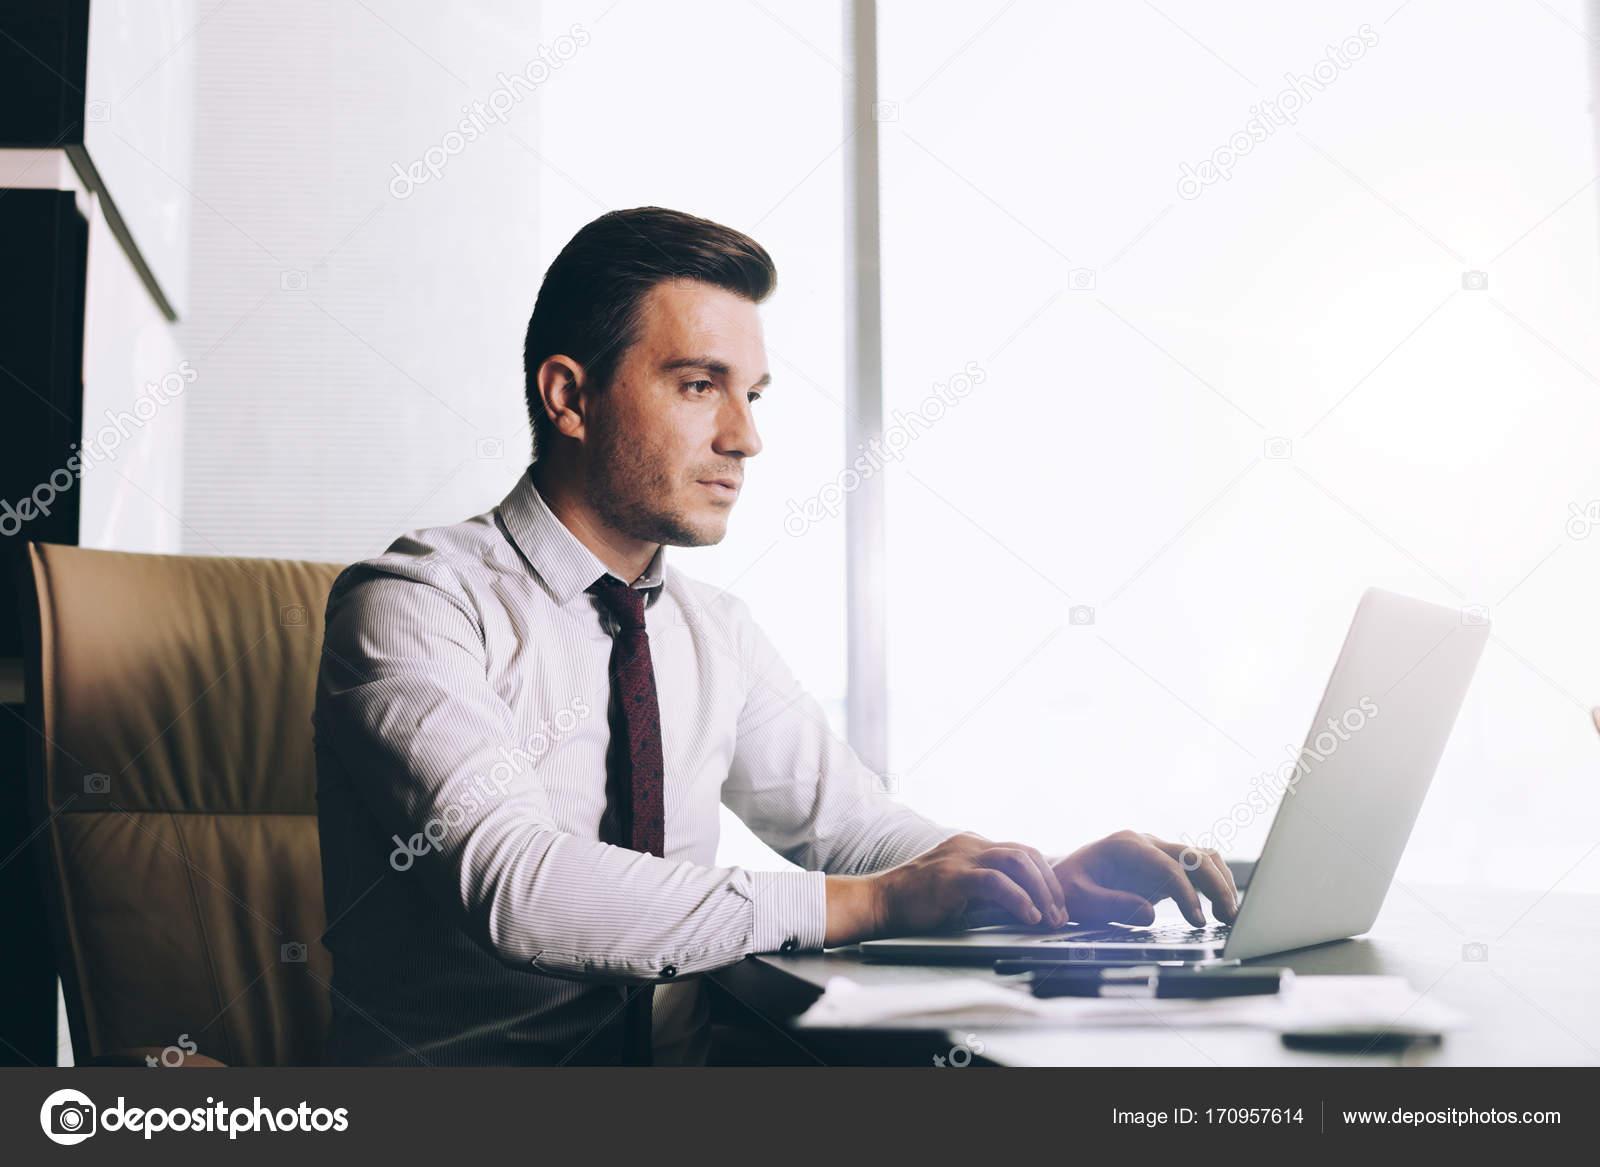 Прикольные картинки мужчина в офисе (3)